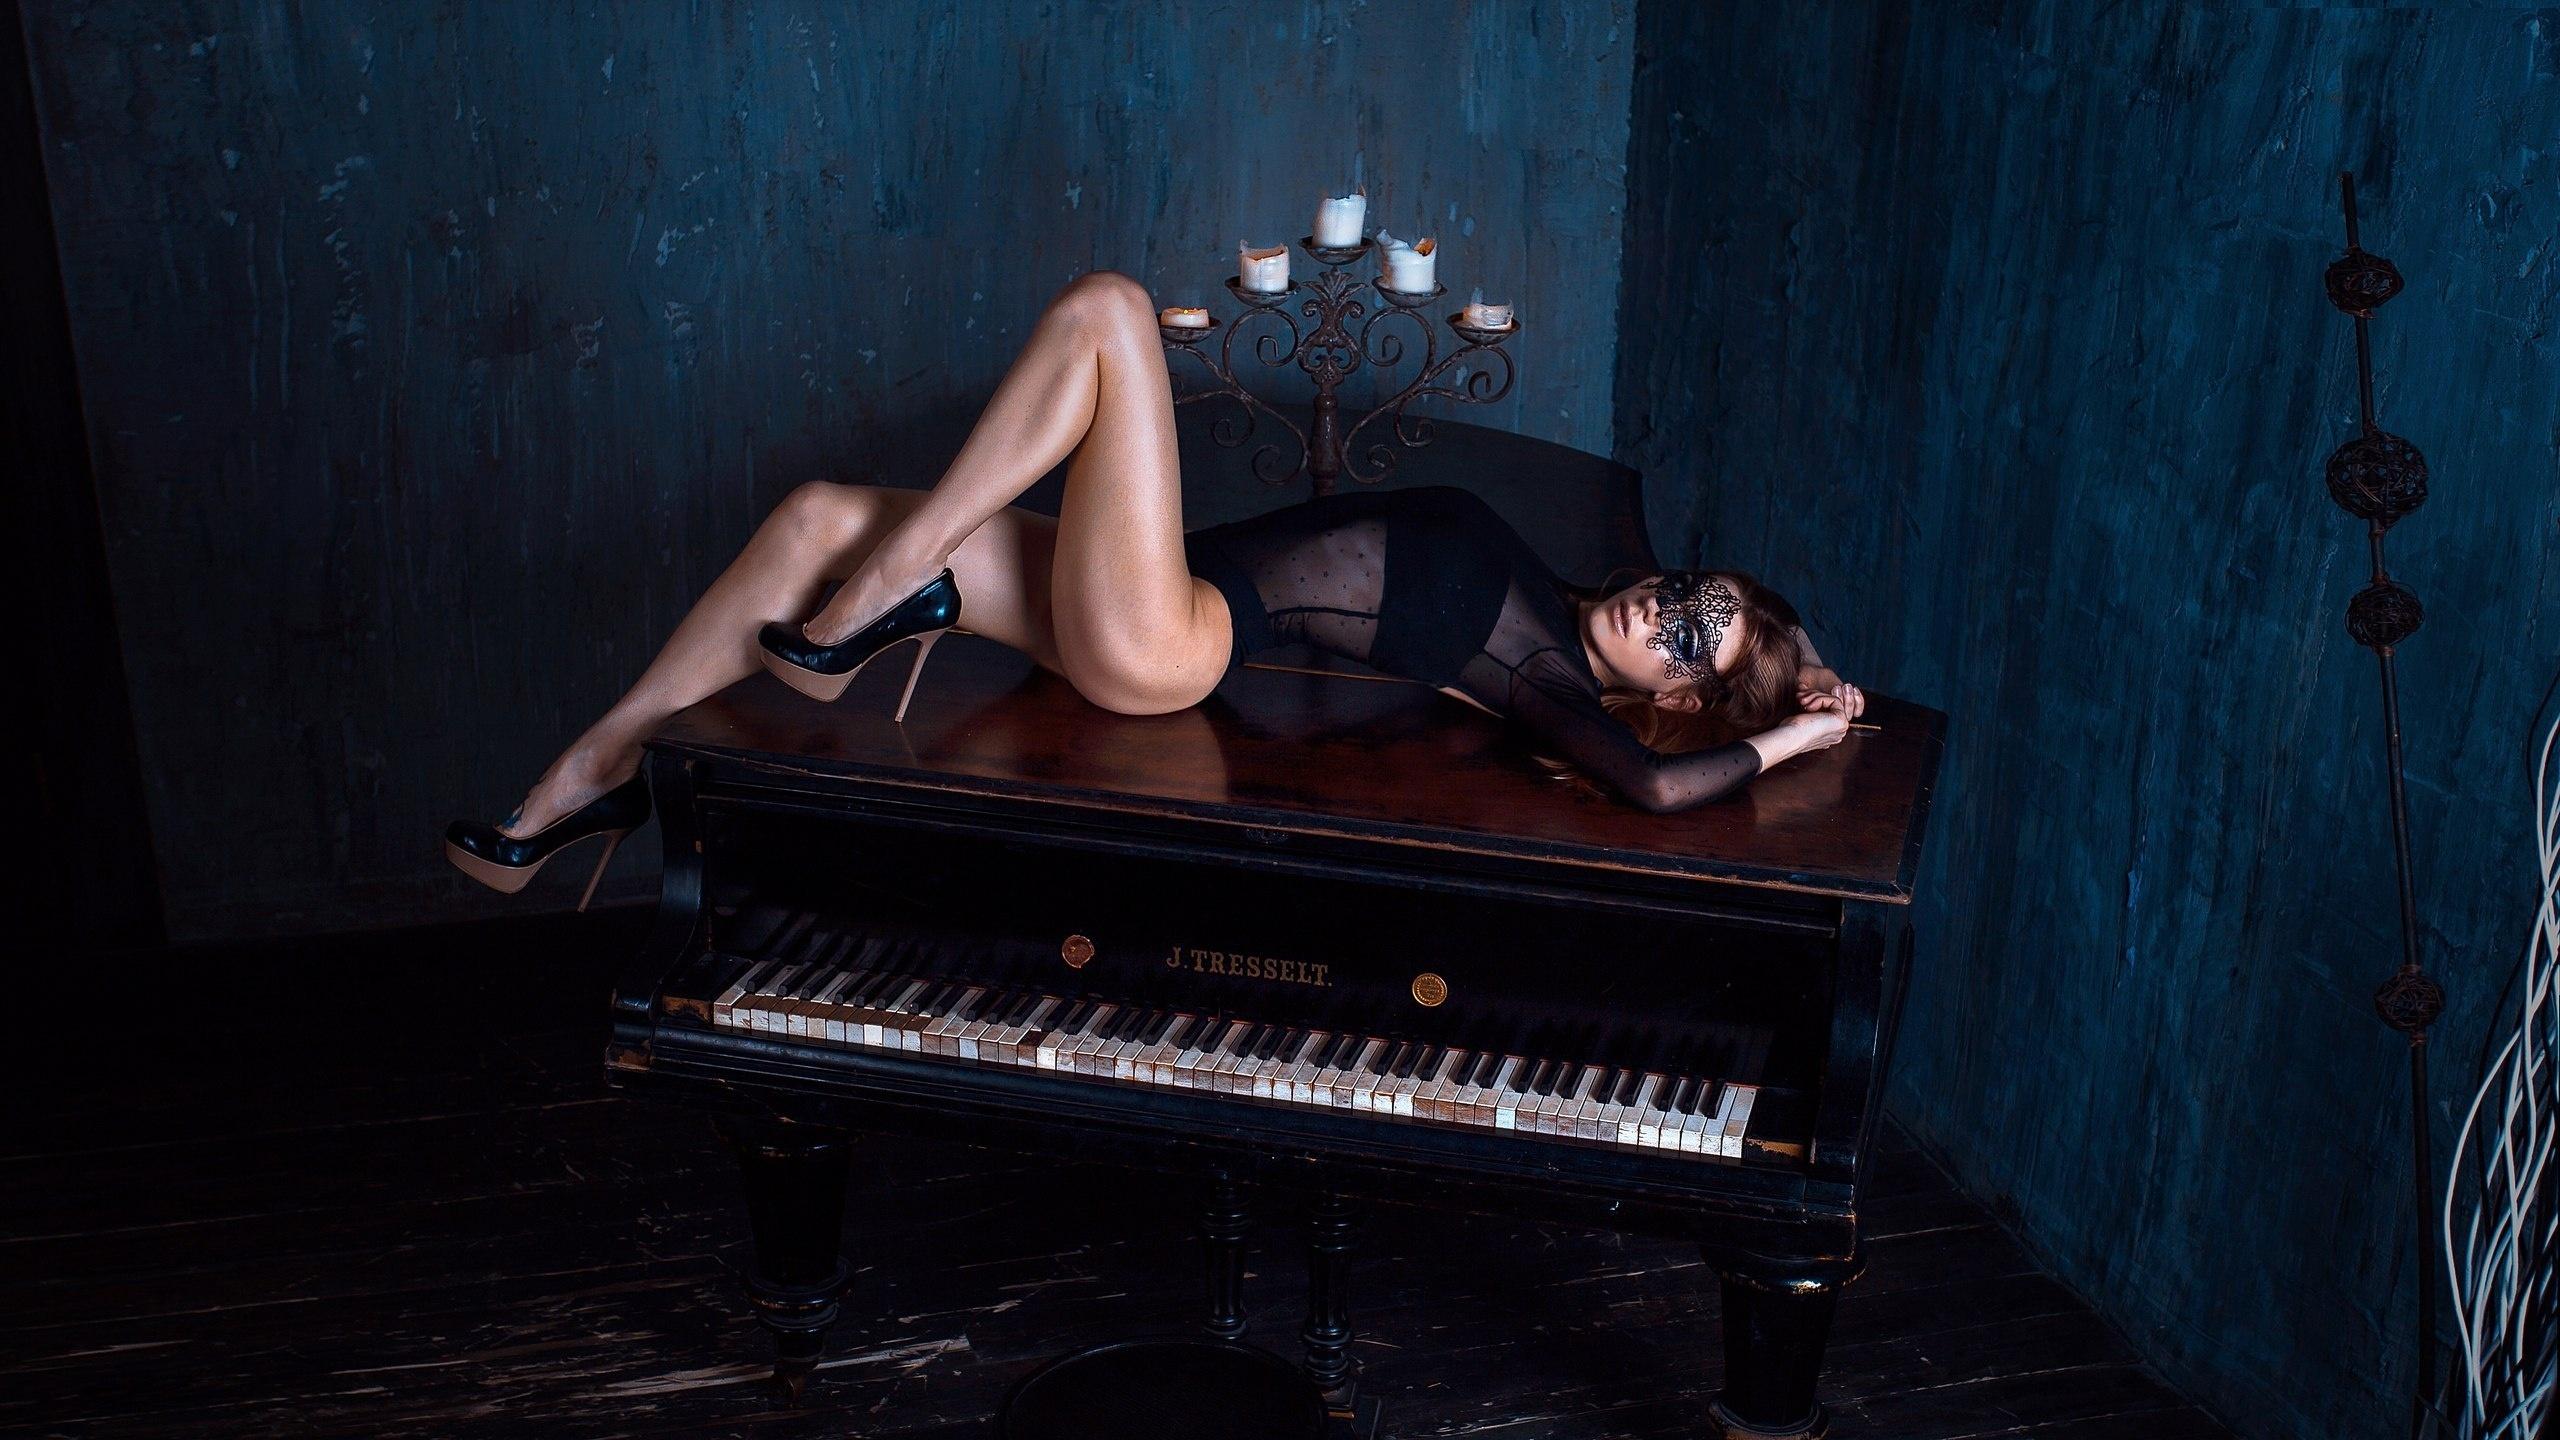 za-pianino-za-royalem-za-kompyuterom-obnazhennie-zhenshini-porno-dvoynoe-proniknovenie-v-popku-i-kisku